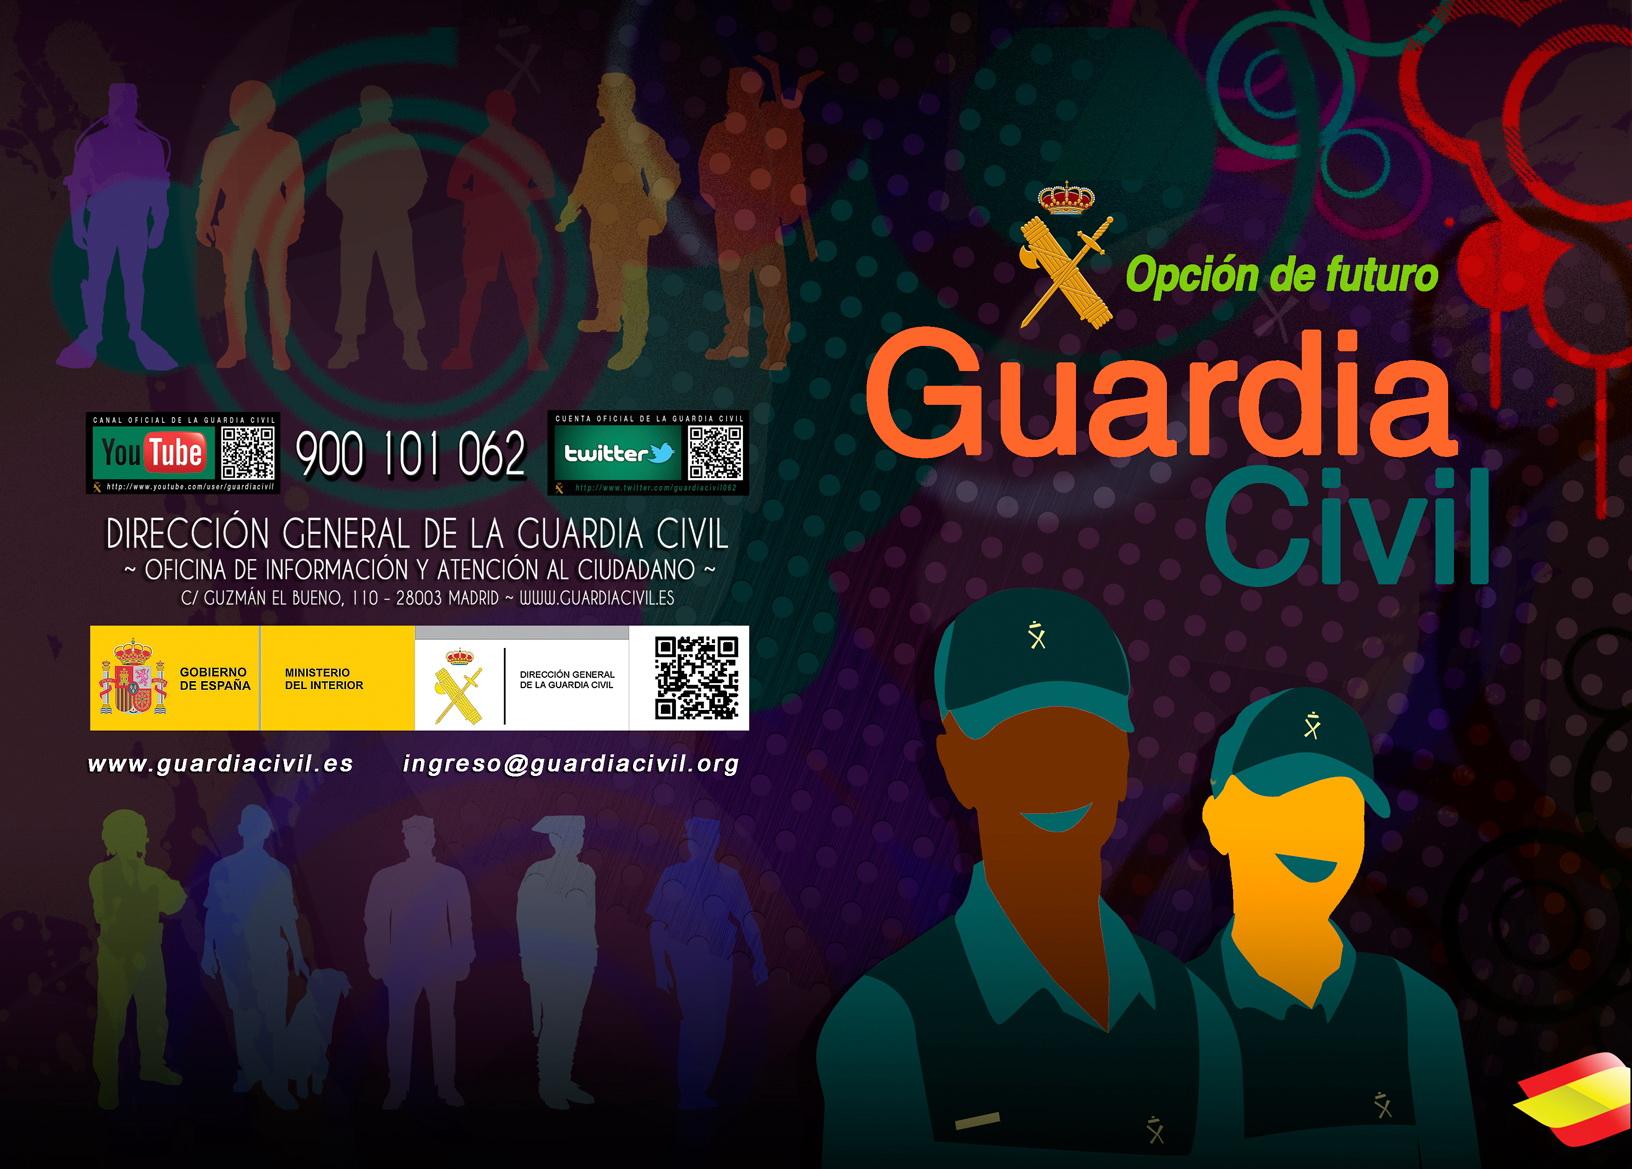 Guardia Civil, opción de futuro 2014